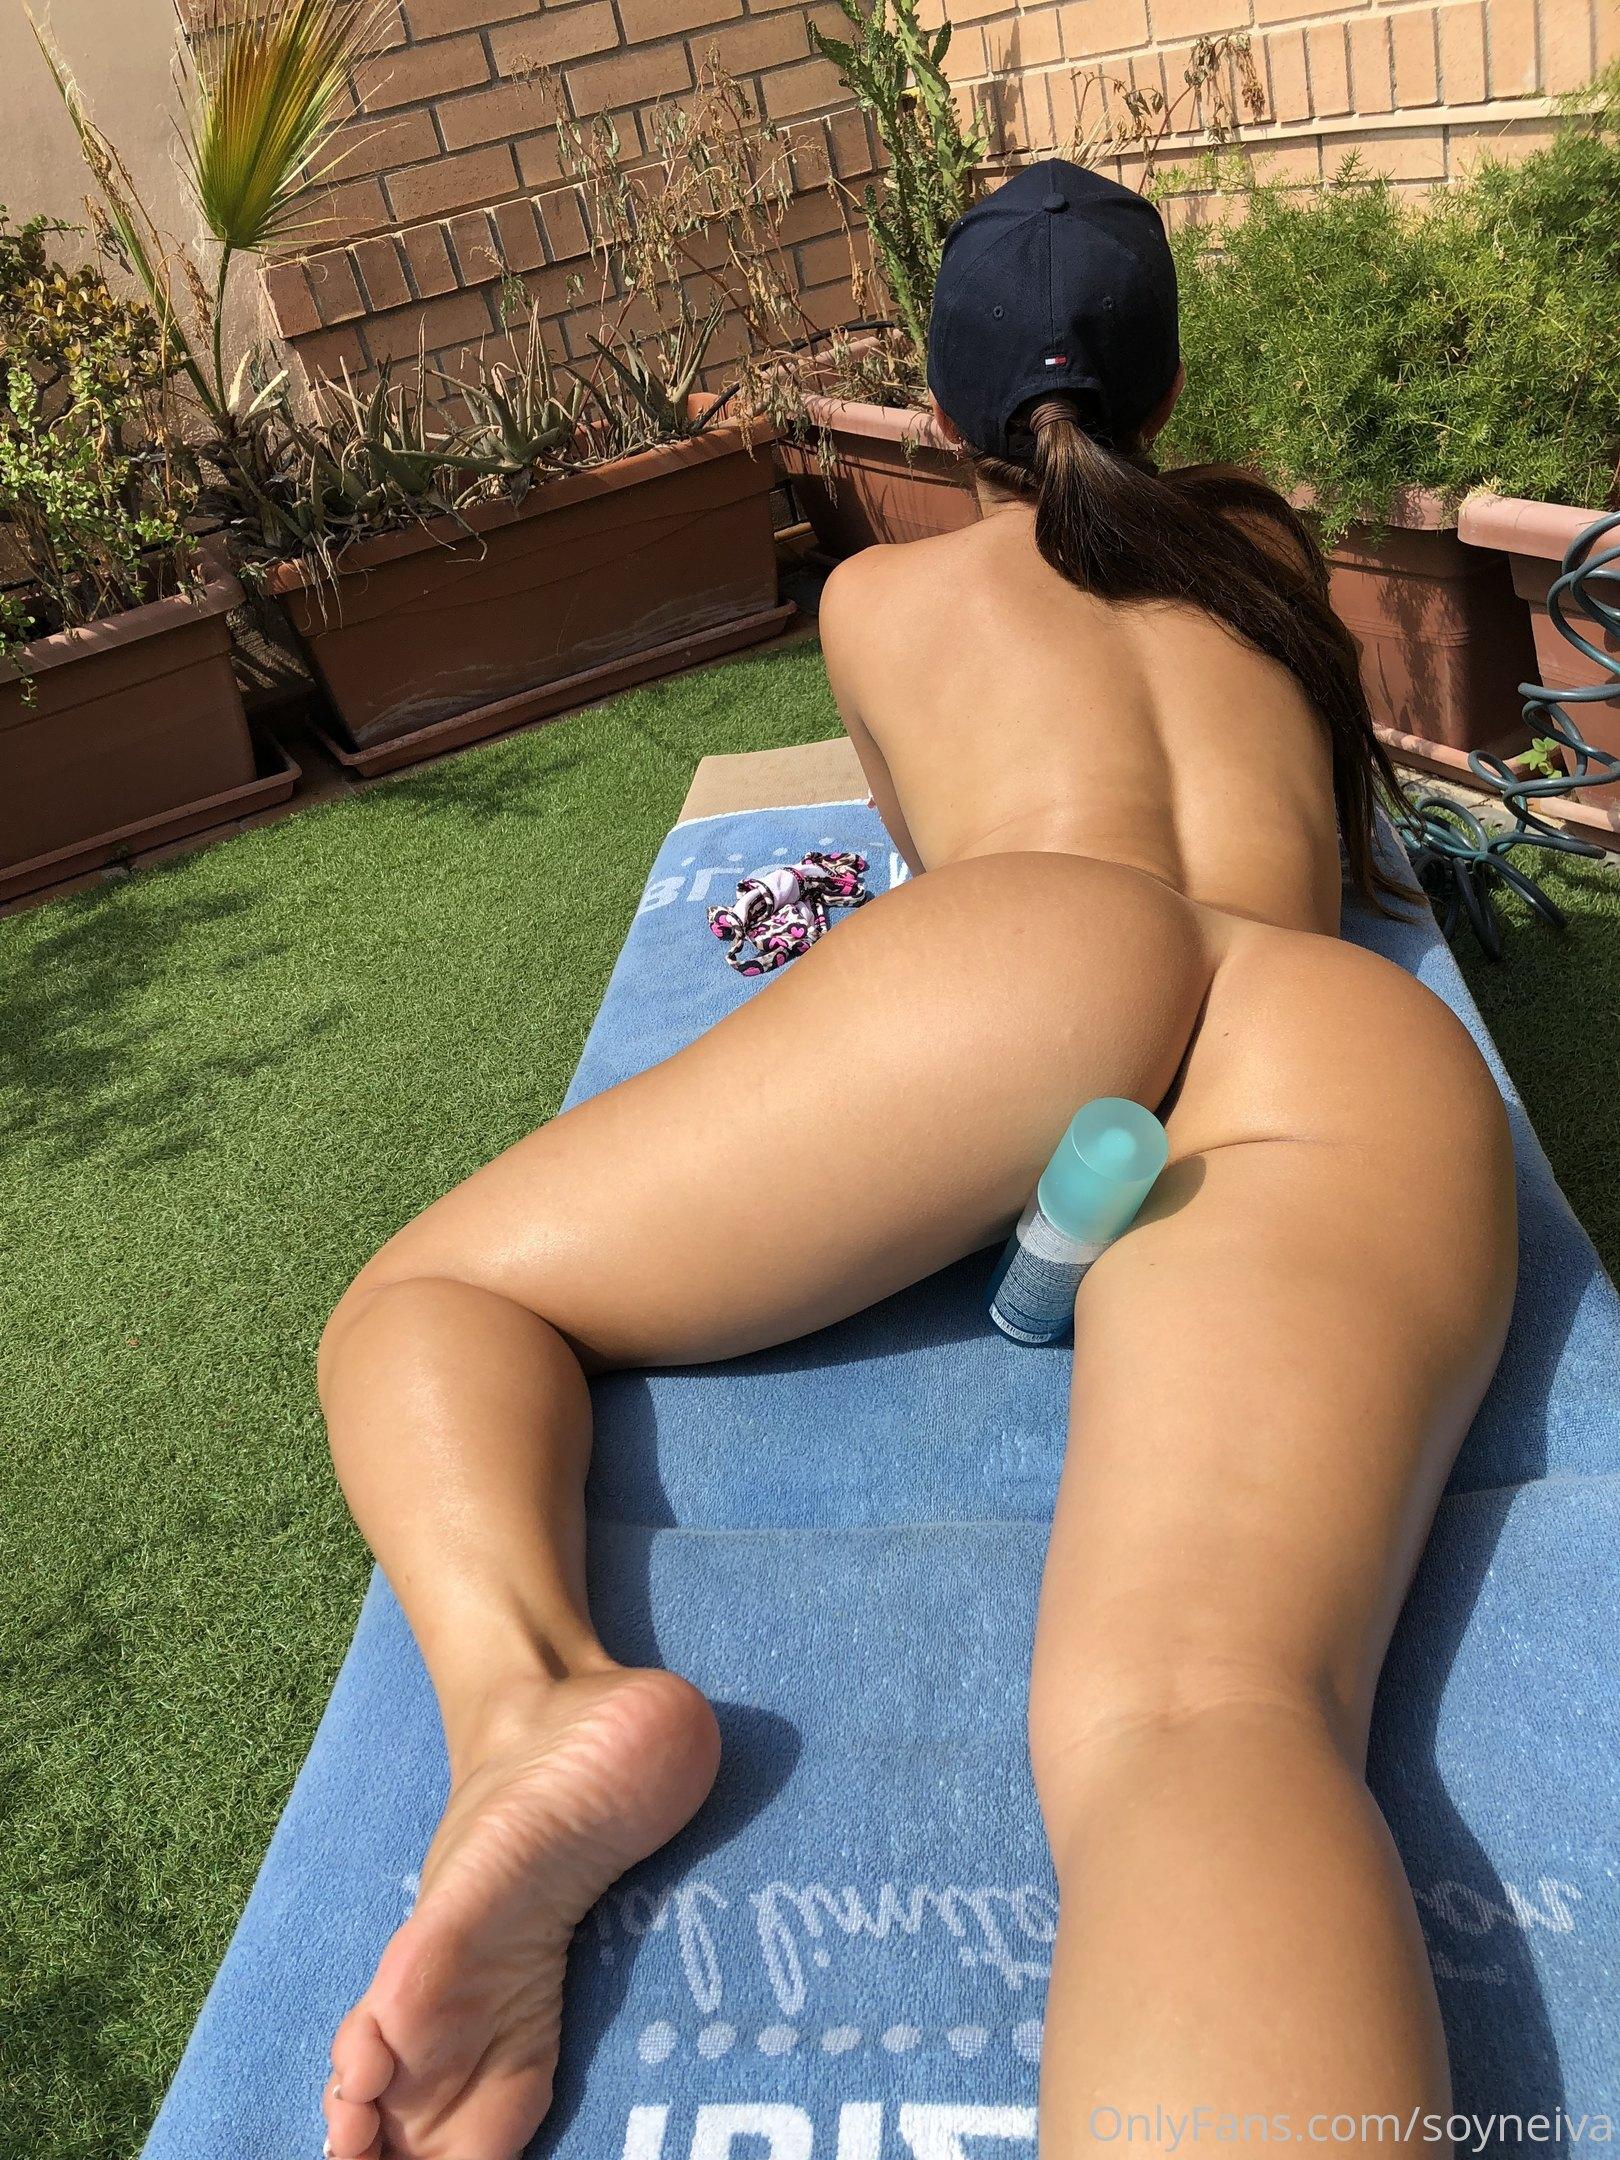 Neiva Mara, Soyneiva, Onlyfans Nudes Leaks 0023